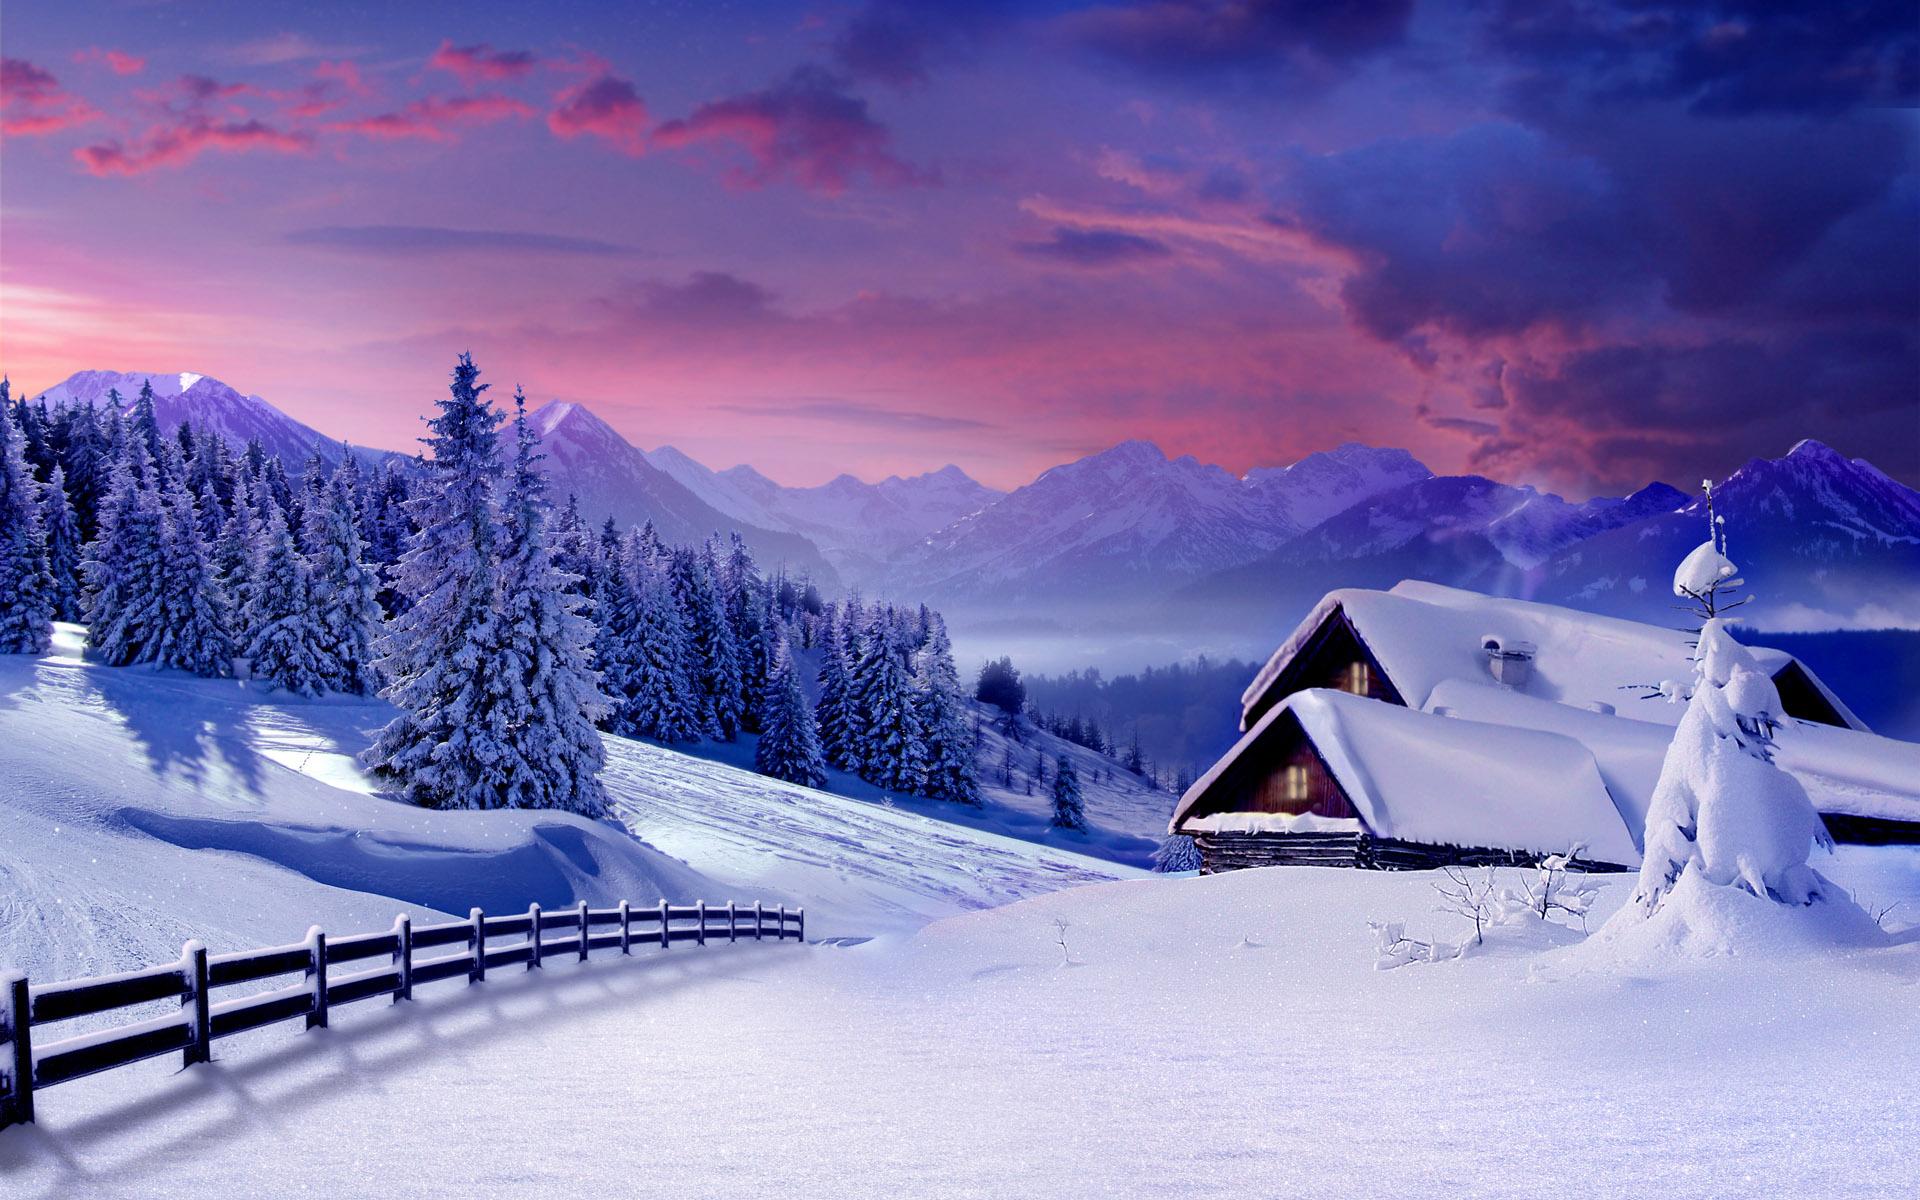 девушки красивые картинки в зимы в хорошем качестве ислом дили